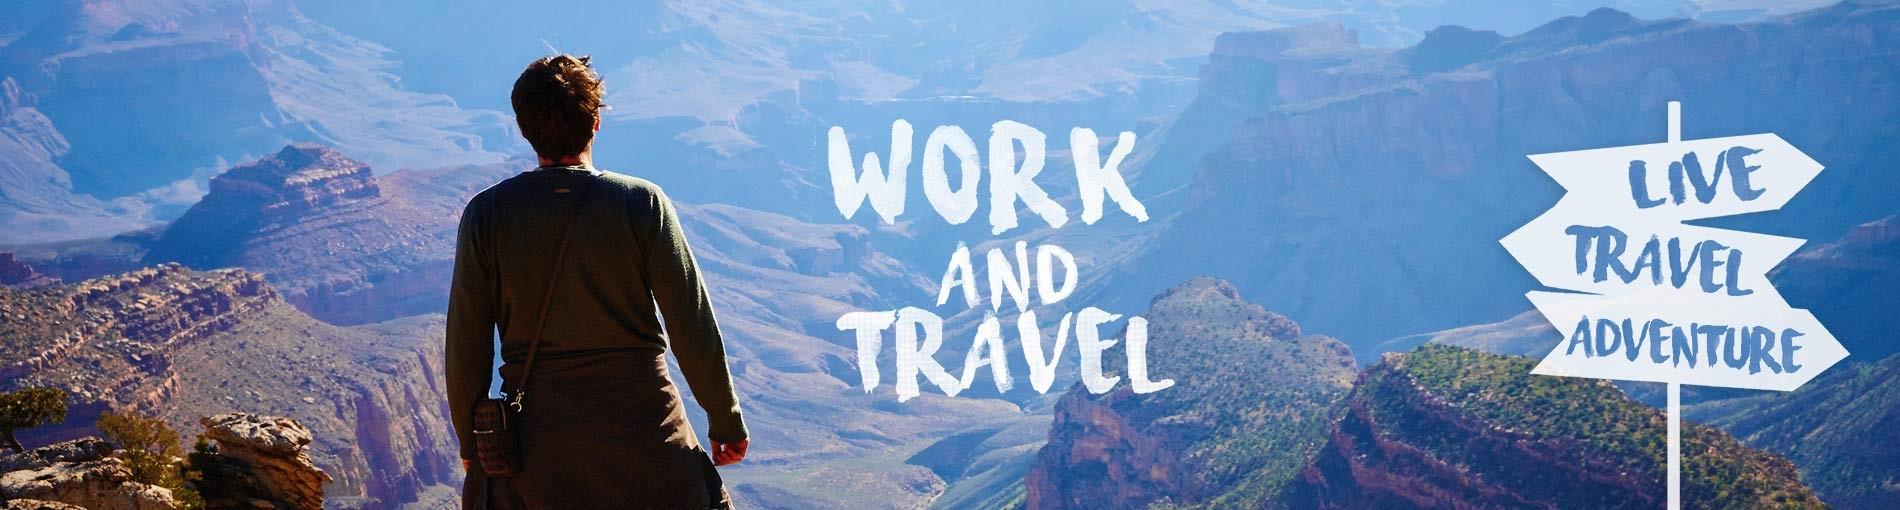 Отзывы участников Work and Travel USA что посмотреть в Америке